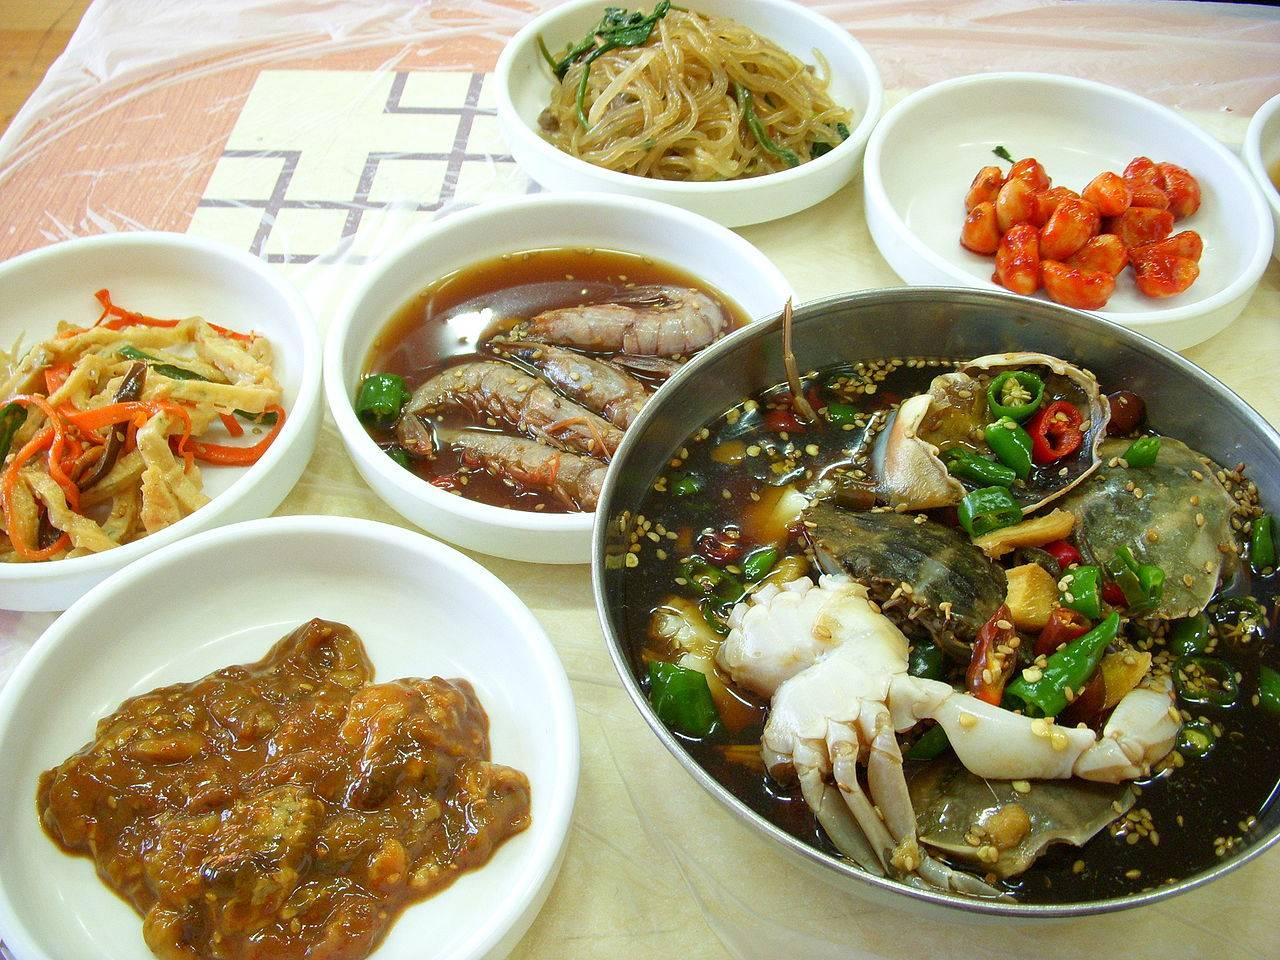 halal restaurant week korea food deals and promotions. Black Bedroom Furniture Sets. Home Design Ideas